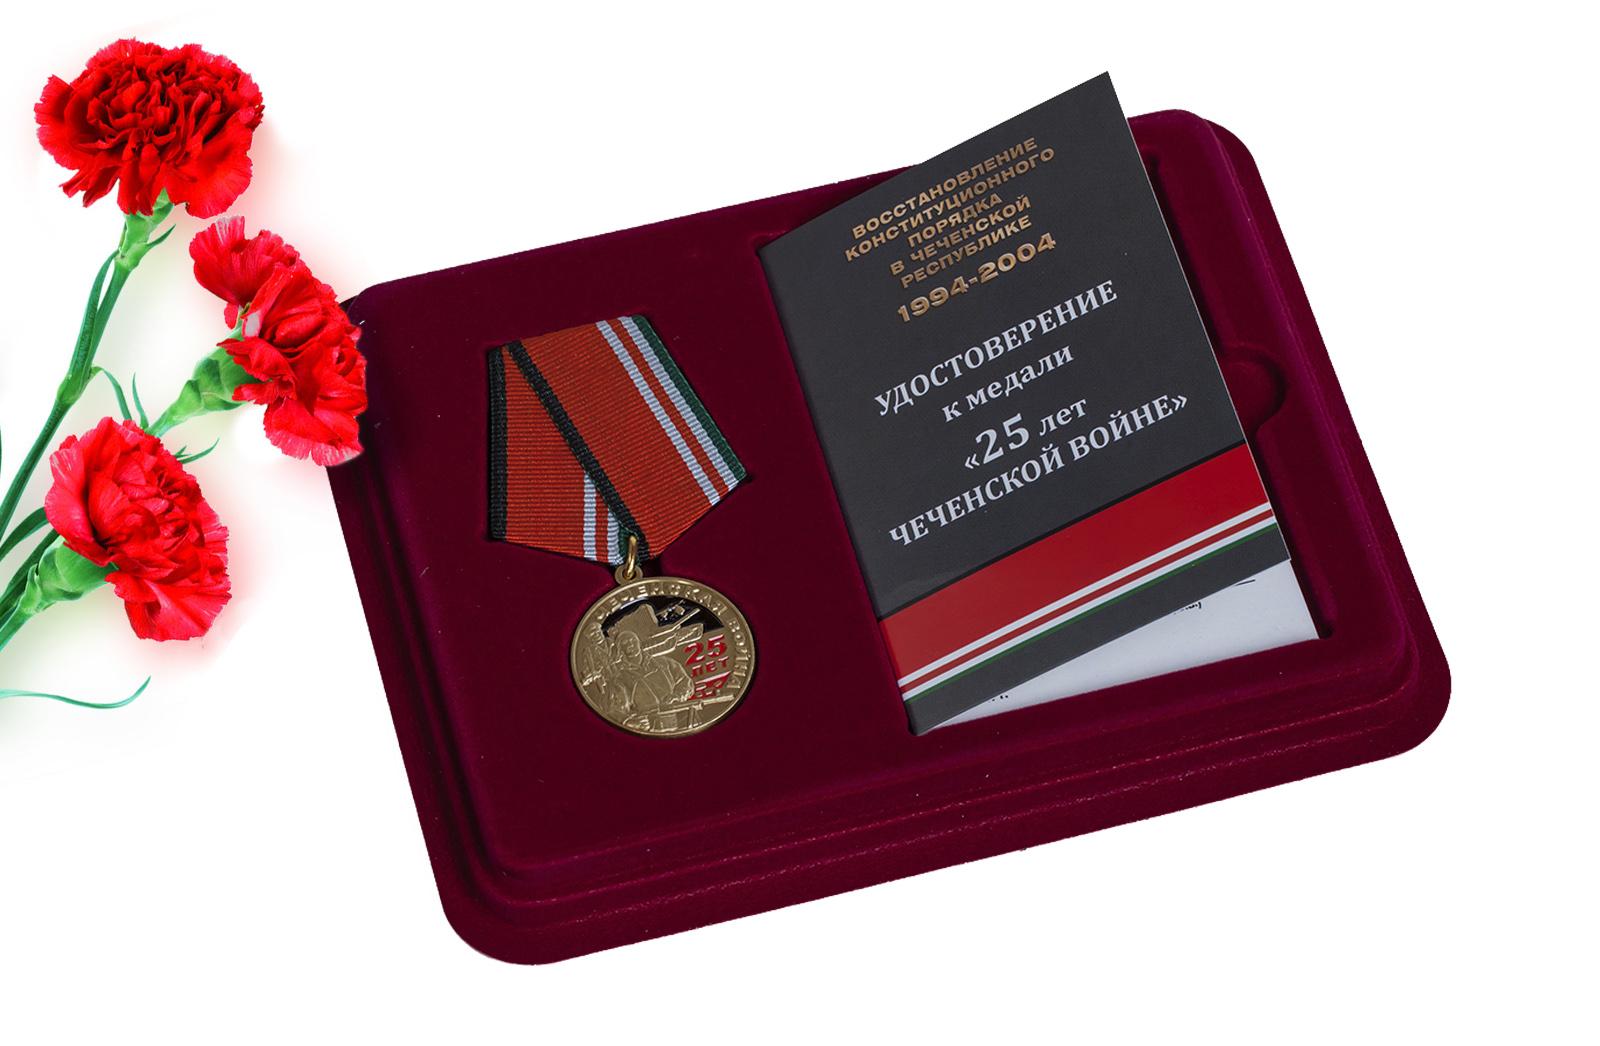 Юбилейная медаль 25 лет Чеченской войне купить с доставкой